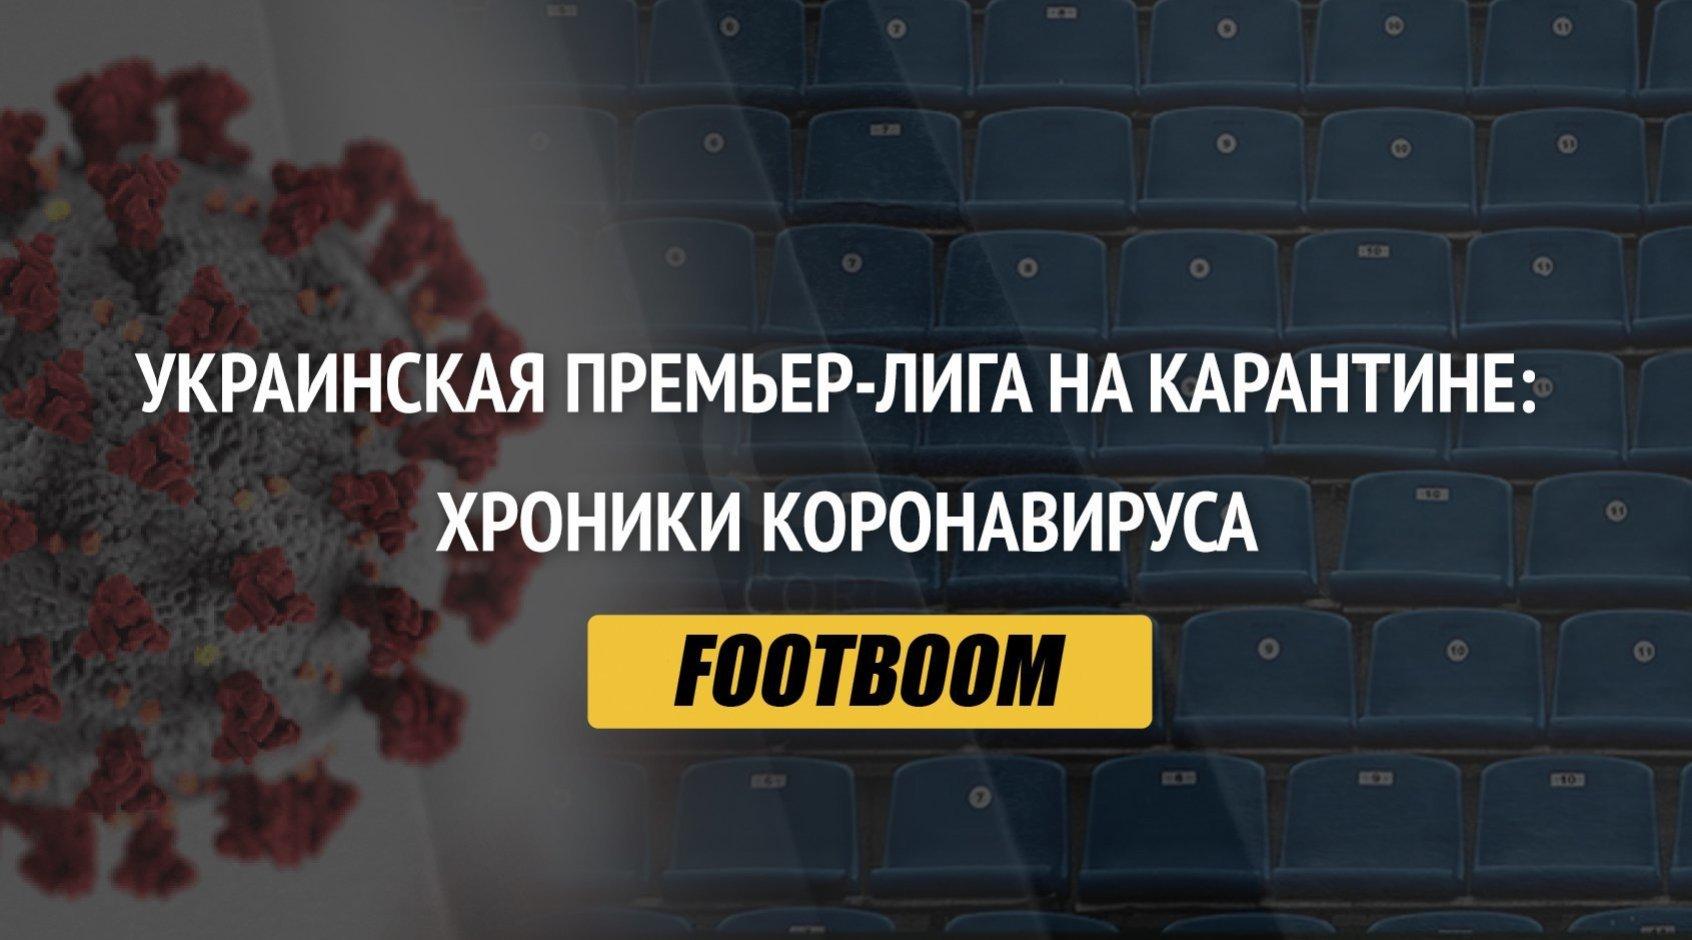 Украинская Премьер-лига на карантине: хроники коронавируса (обновляется)